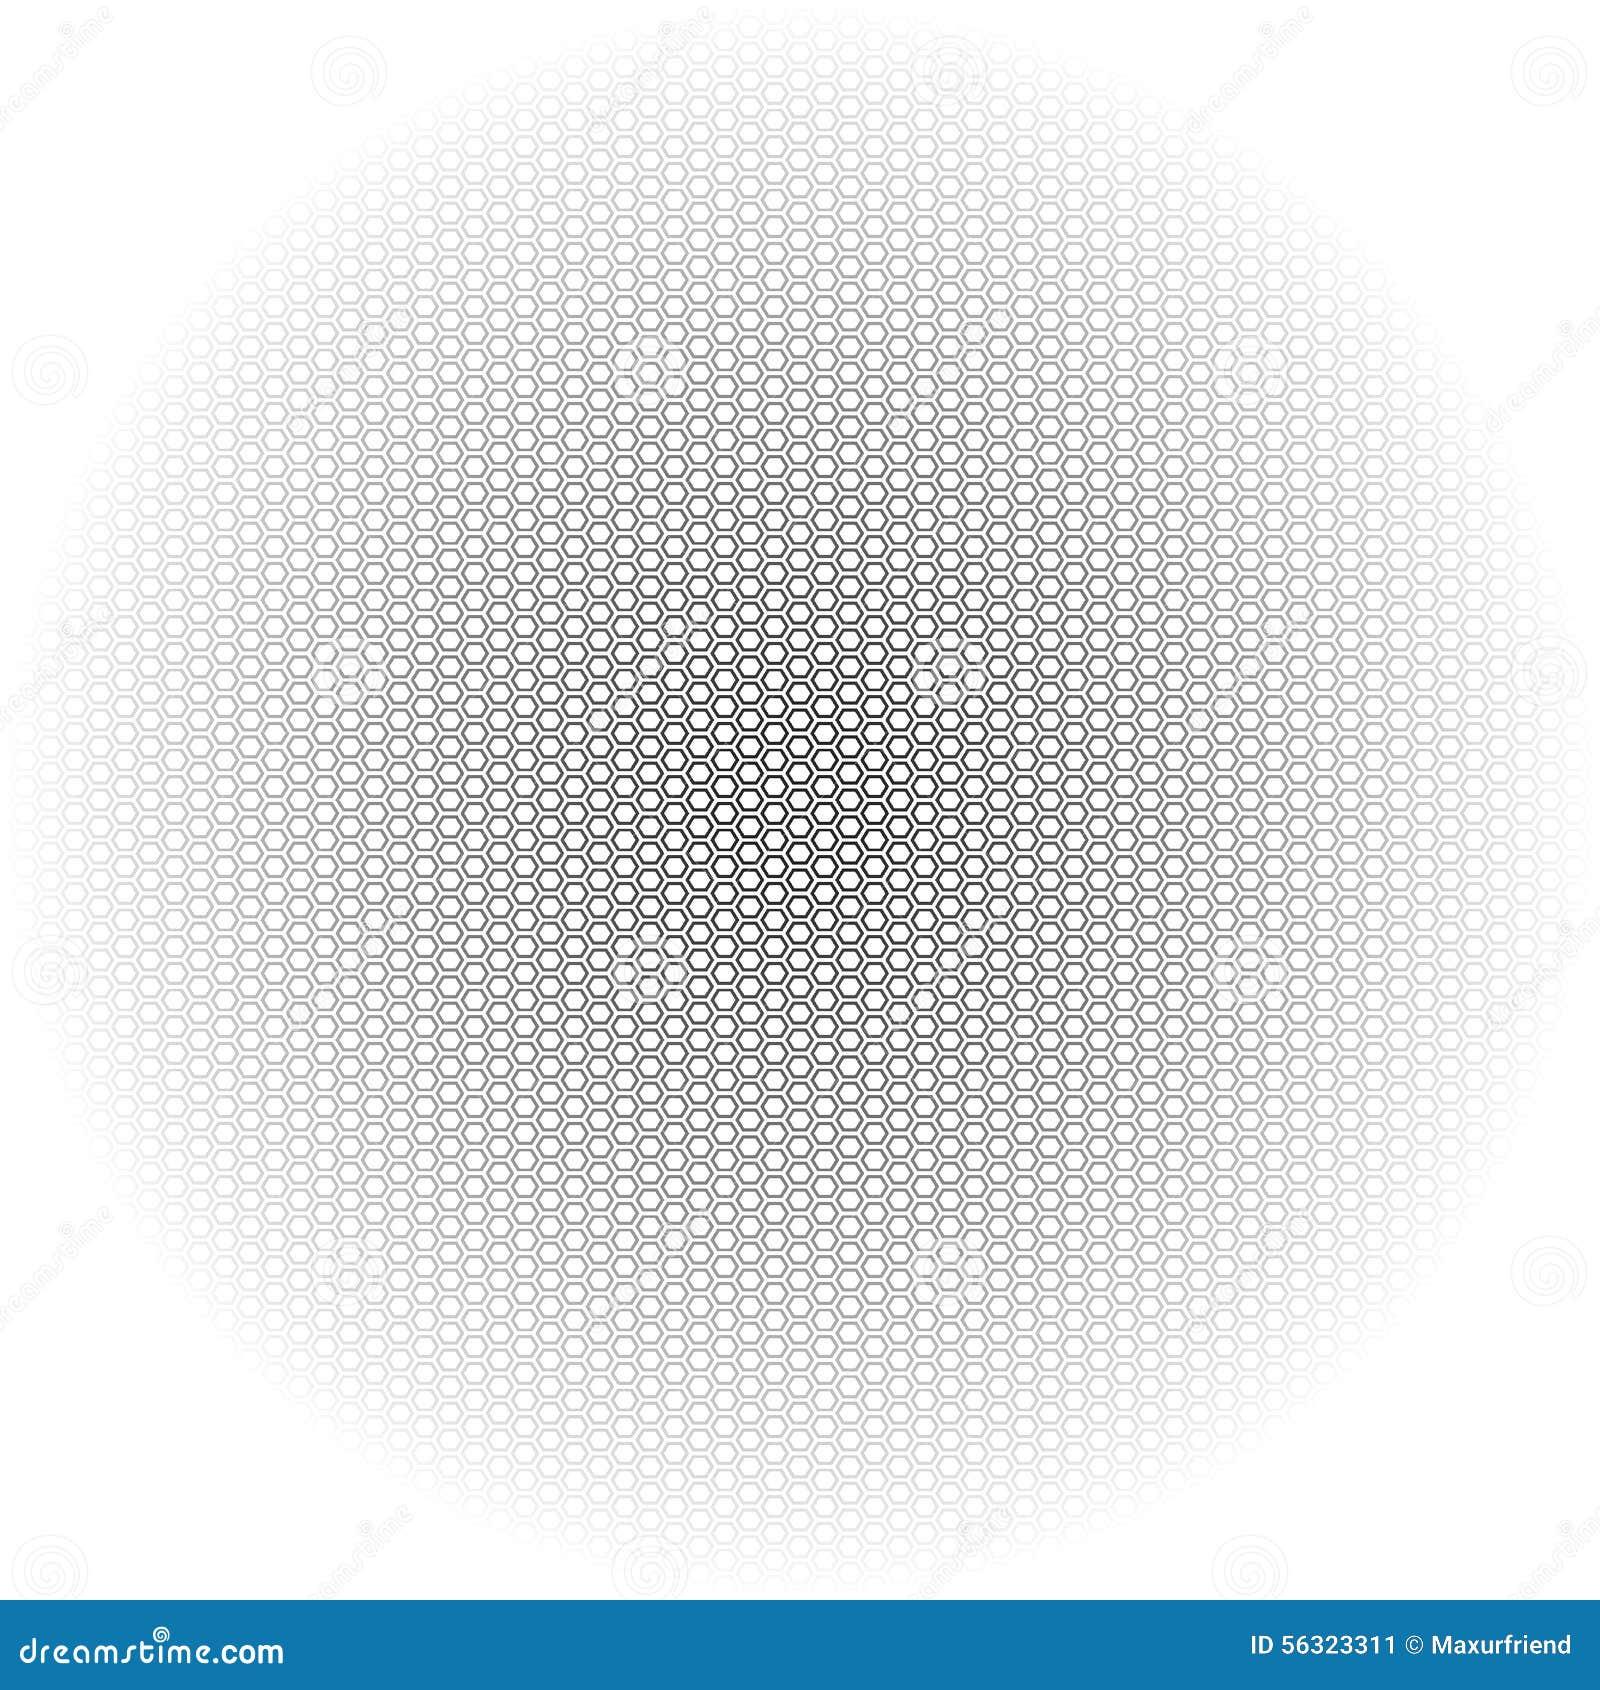 beau mod le sans couture d 39 hexagone peut tre utilis pour. Black Bedroom Furniture Sets. Home Design Ideas